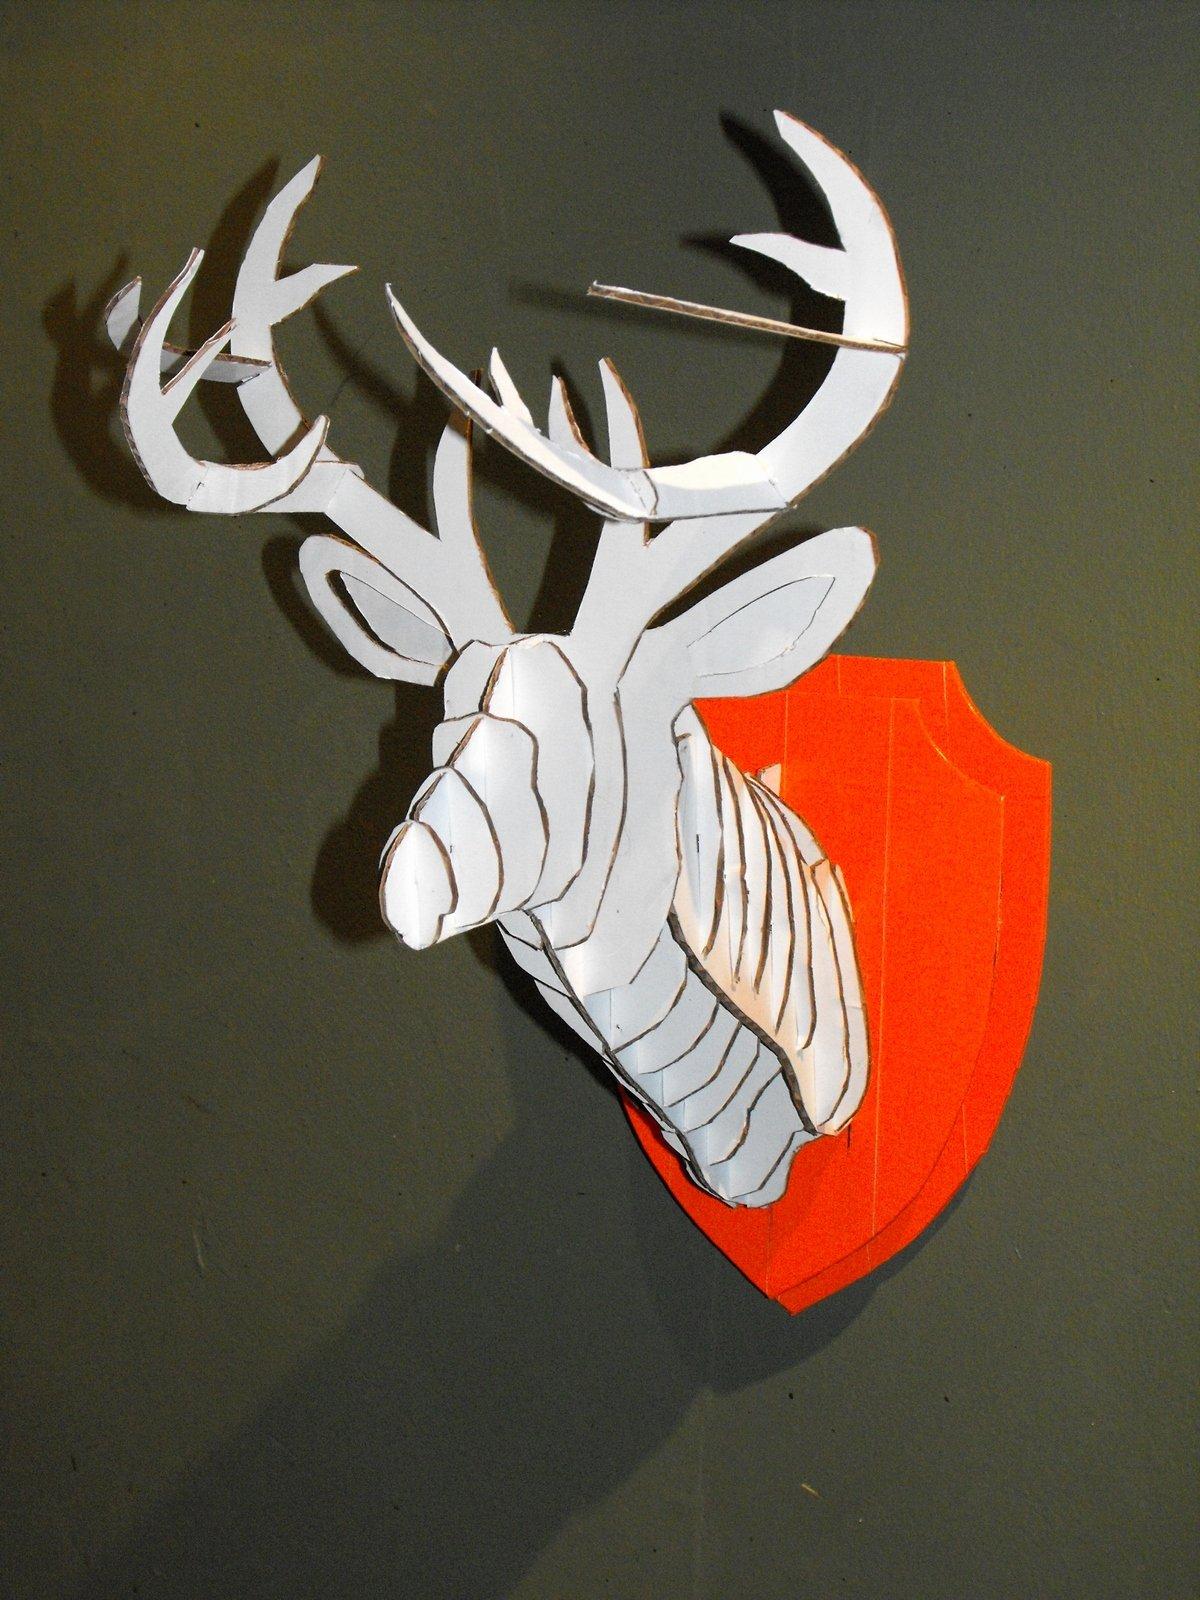 Cardboard Deer Head Template Best Of 3d Cardboard & Duct Tape Deer Head Trophy with Template